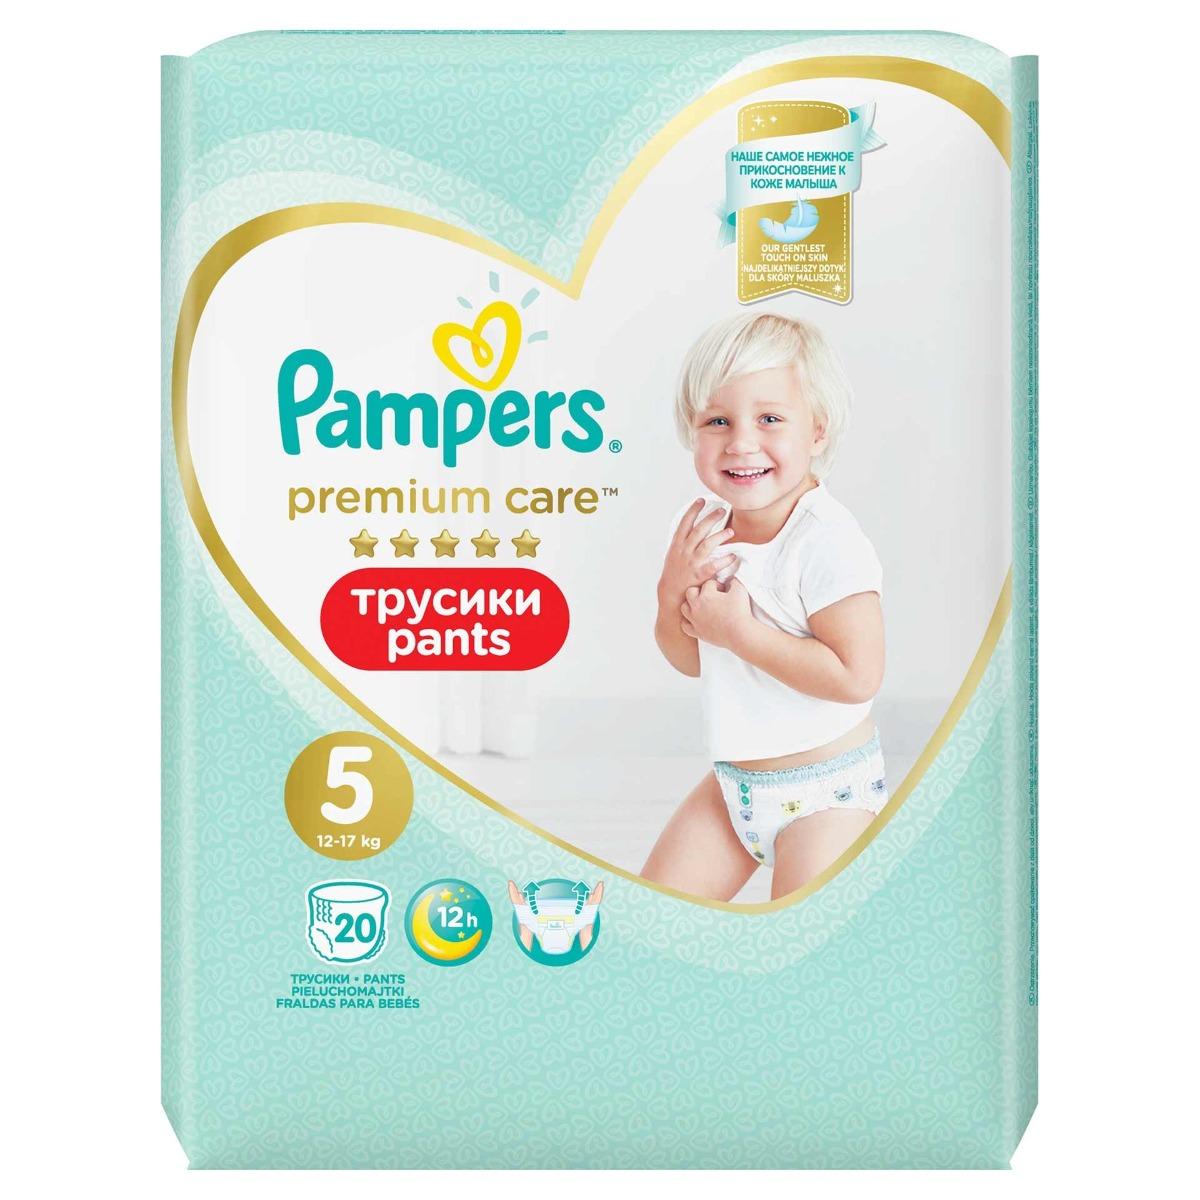 Scutece chilotel Premium Care Pants Carry Pack Junior marimea 5 pentru 11-18 kg, 20 bucati, Pampers